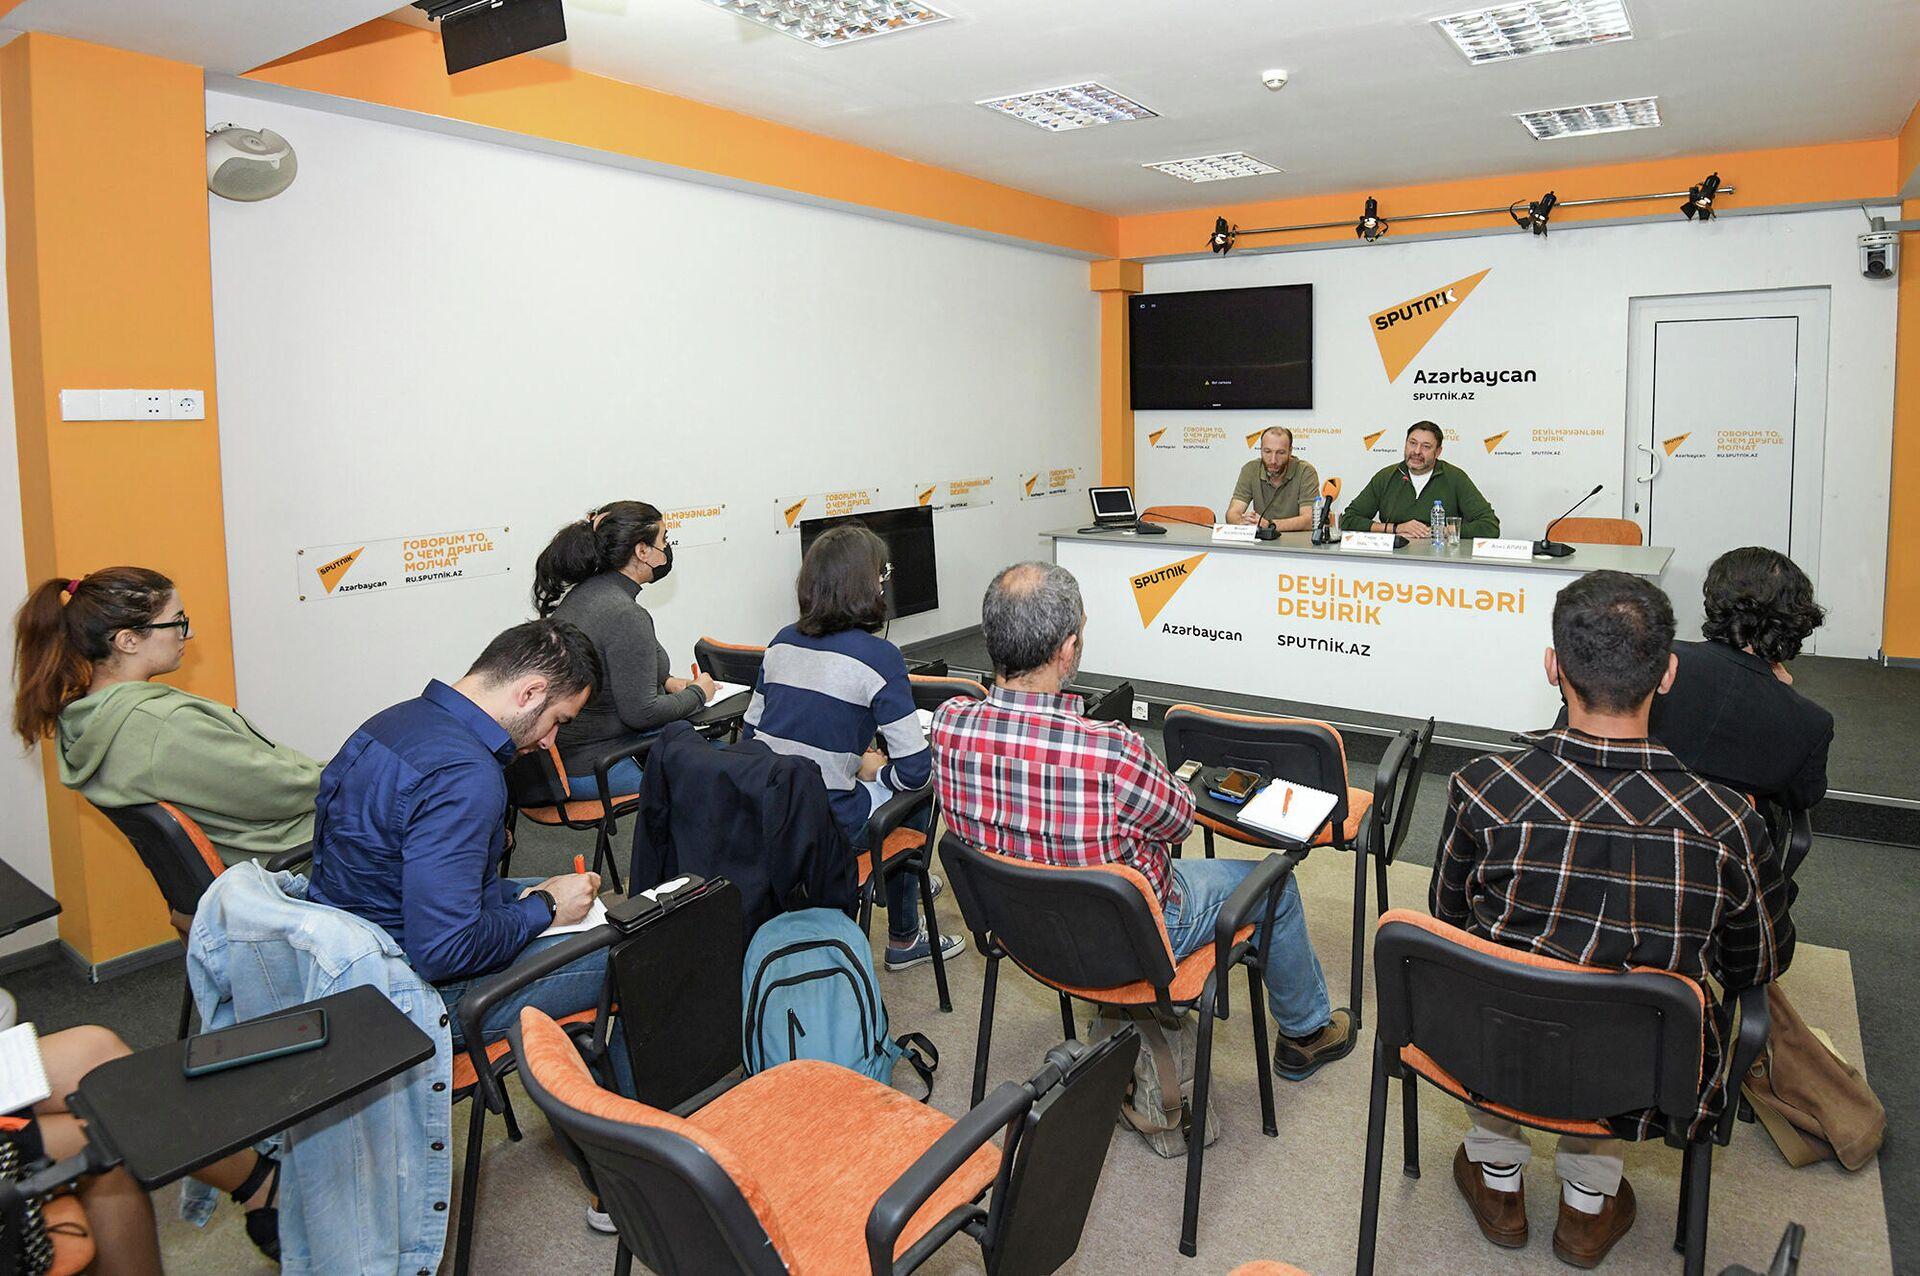 Мастер-класс в рамках проекта Sputnik-Pro в Мультимедийном центре Sputnik Азербайджан - Sputnik Azərbaycan, 1920, 06.10.2021